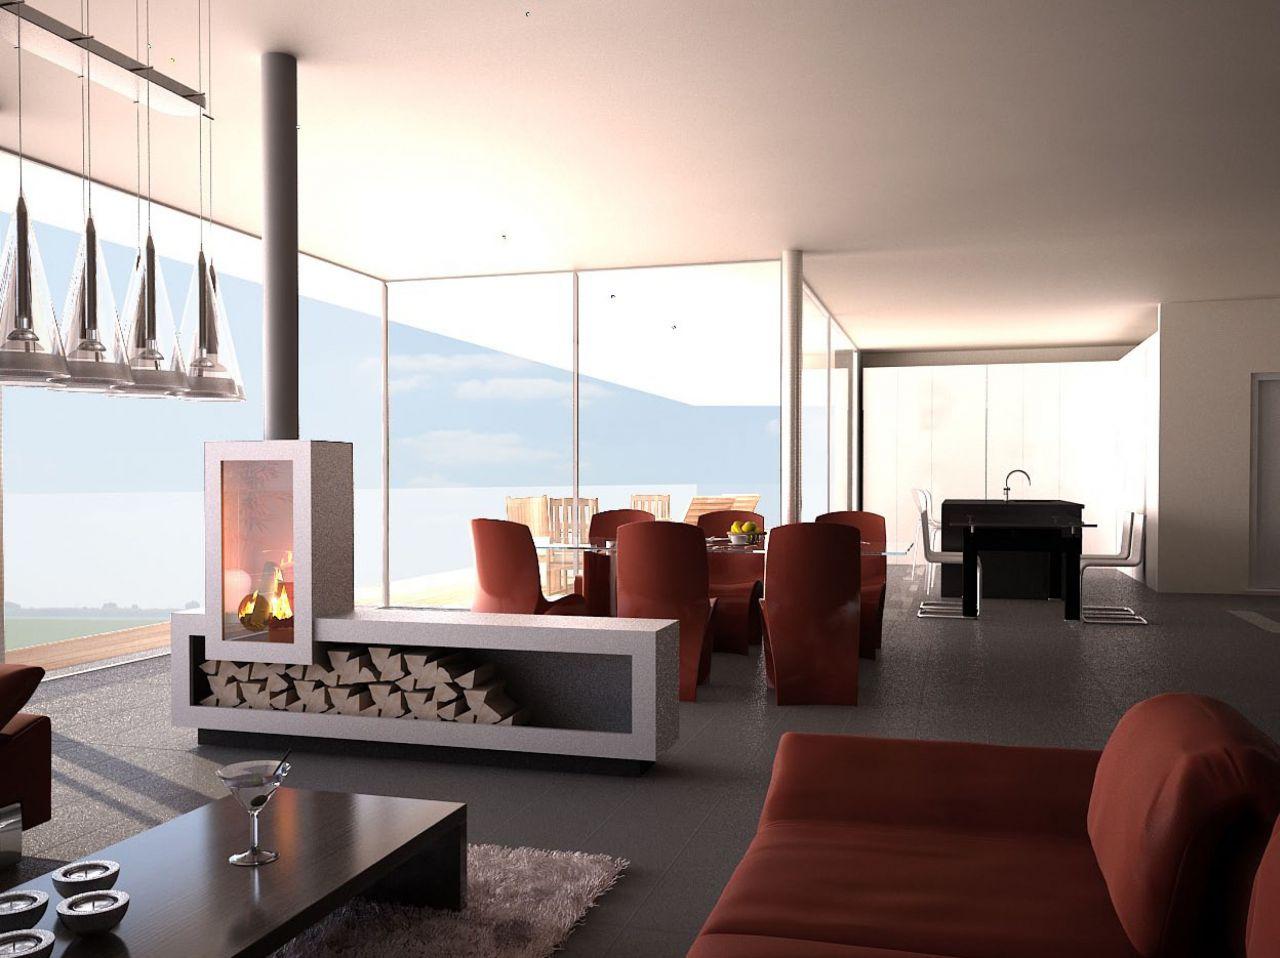 Апартаменты в Тичино, Швейцария, 182 м2 - фото 6